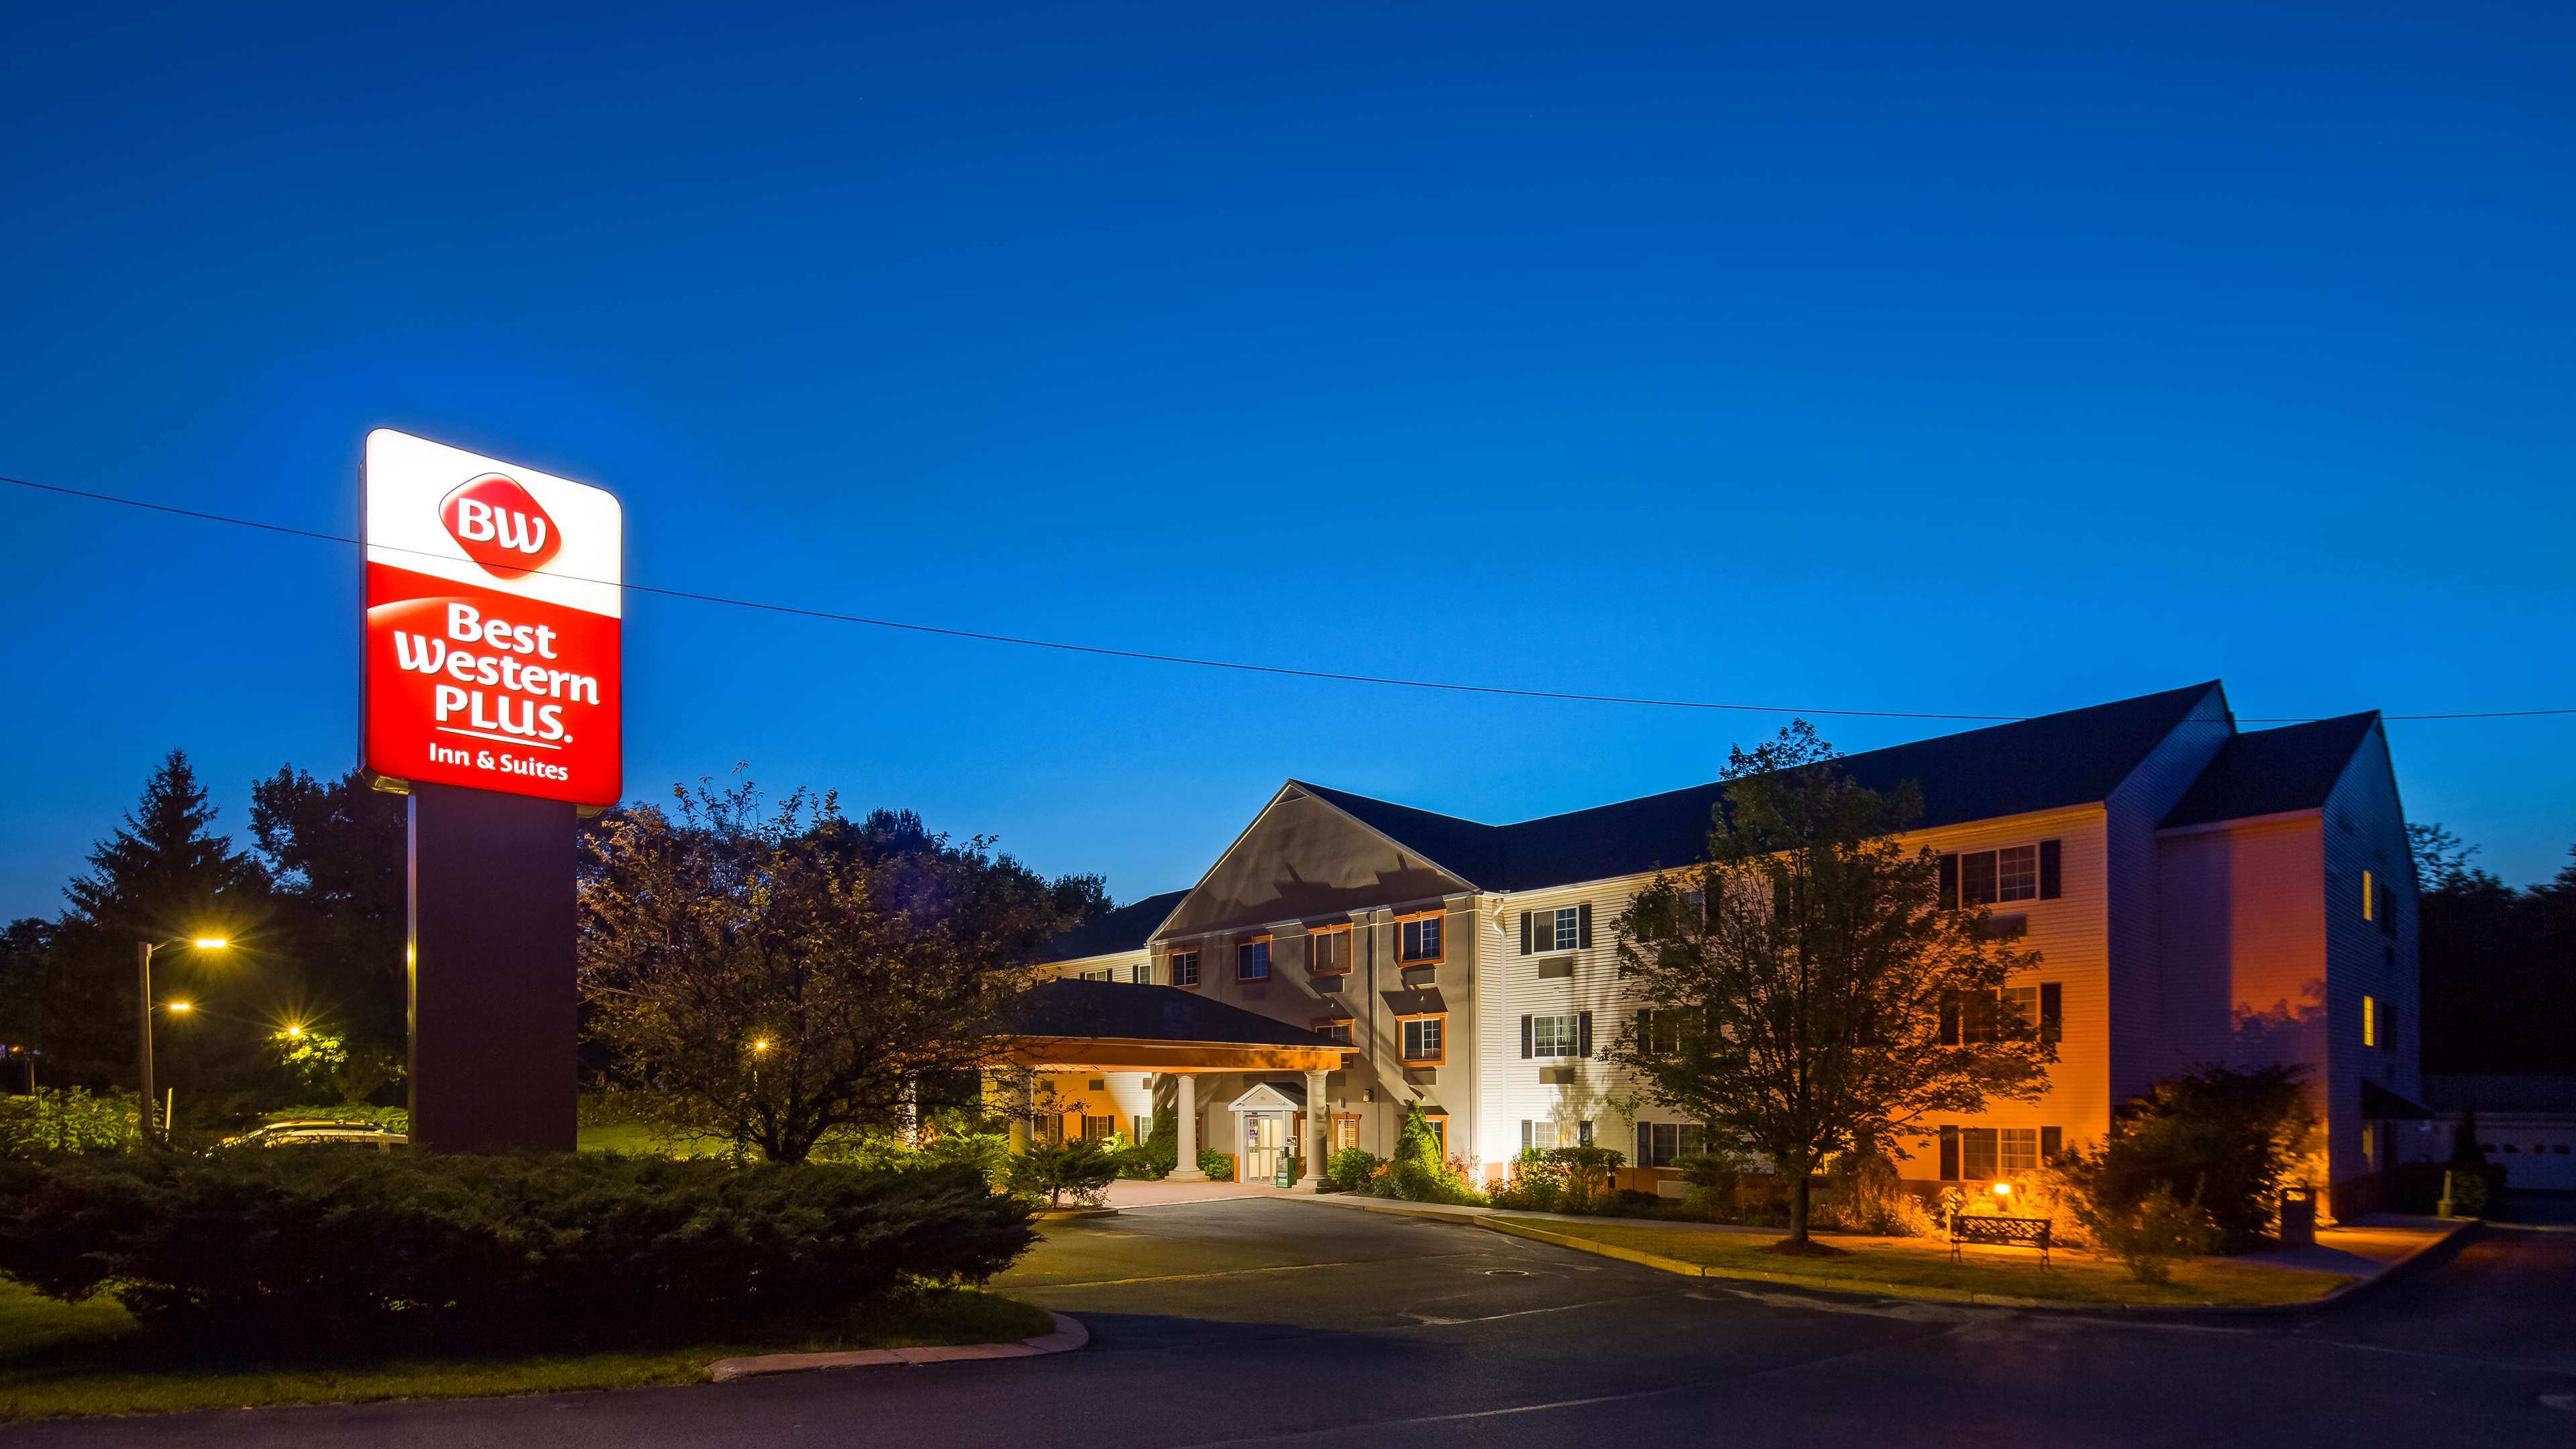 Best Western Plus Berkshire Hills Inn & Suites image 2